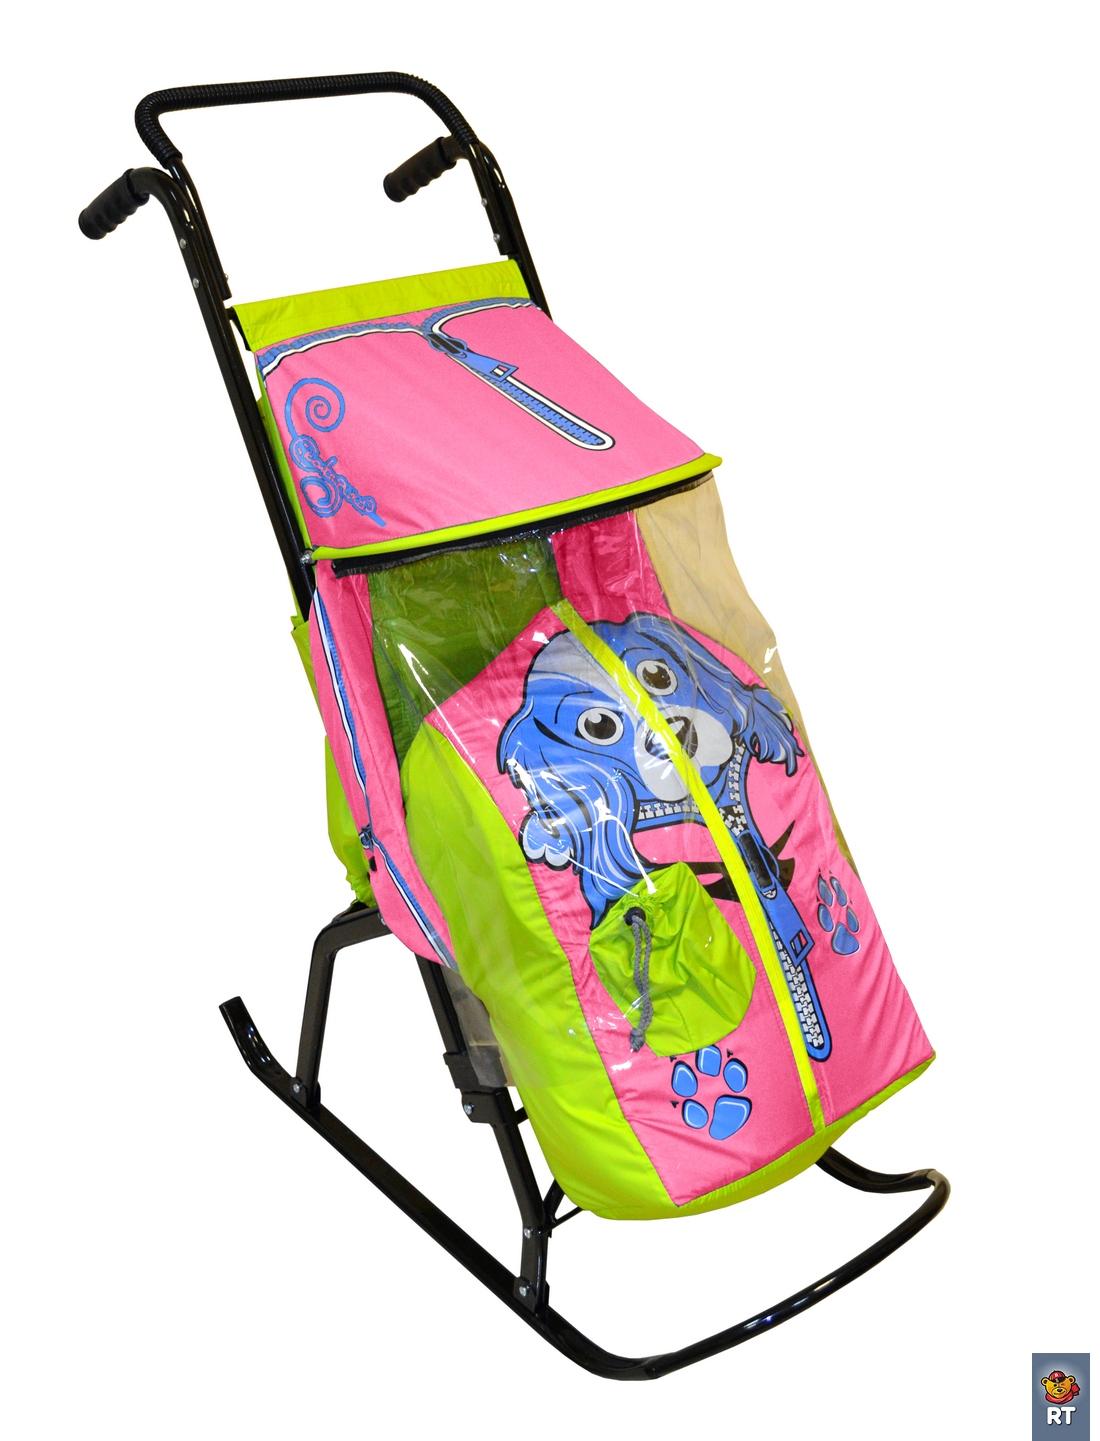 Купить Санки-коляска Снегурочка-2-Р - Собачка, цвет салатовый-розовый, RT